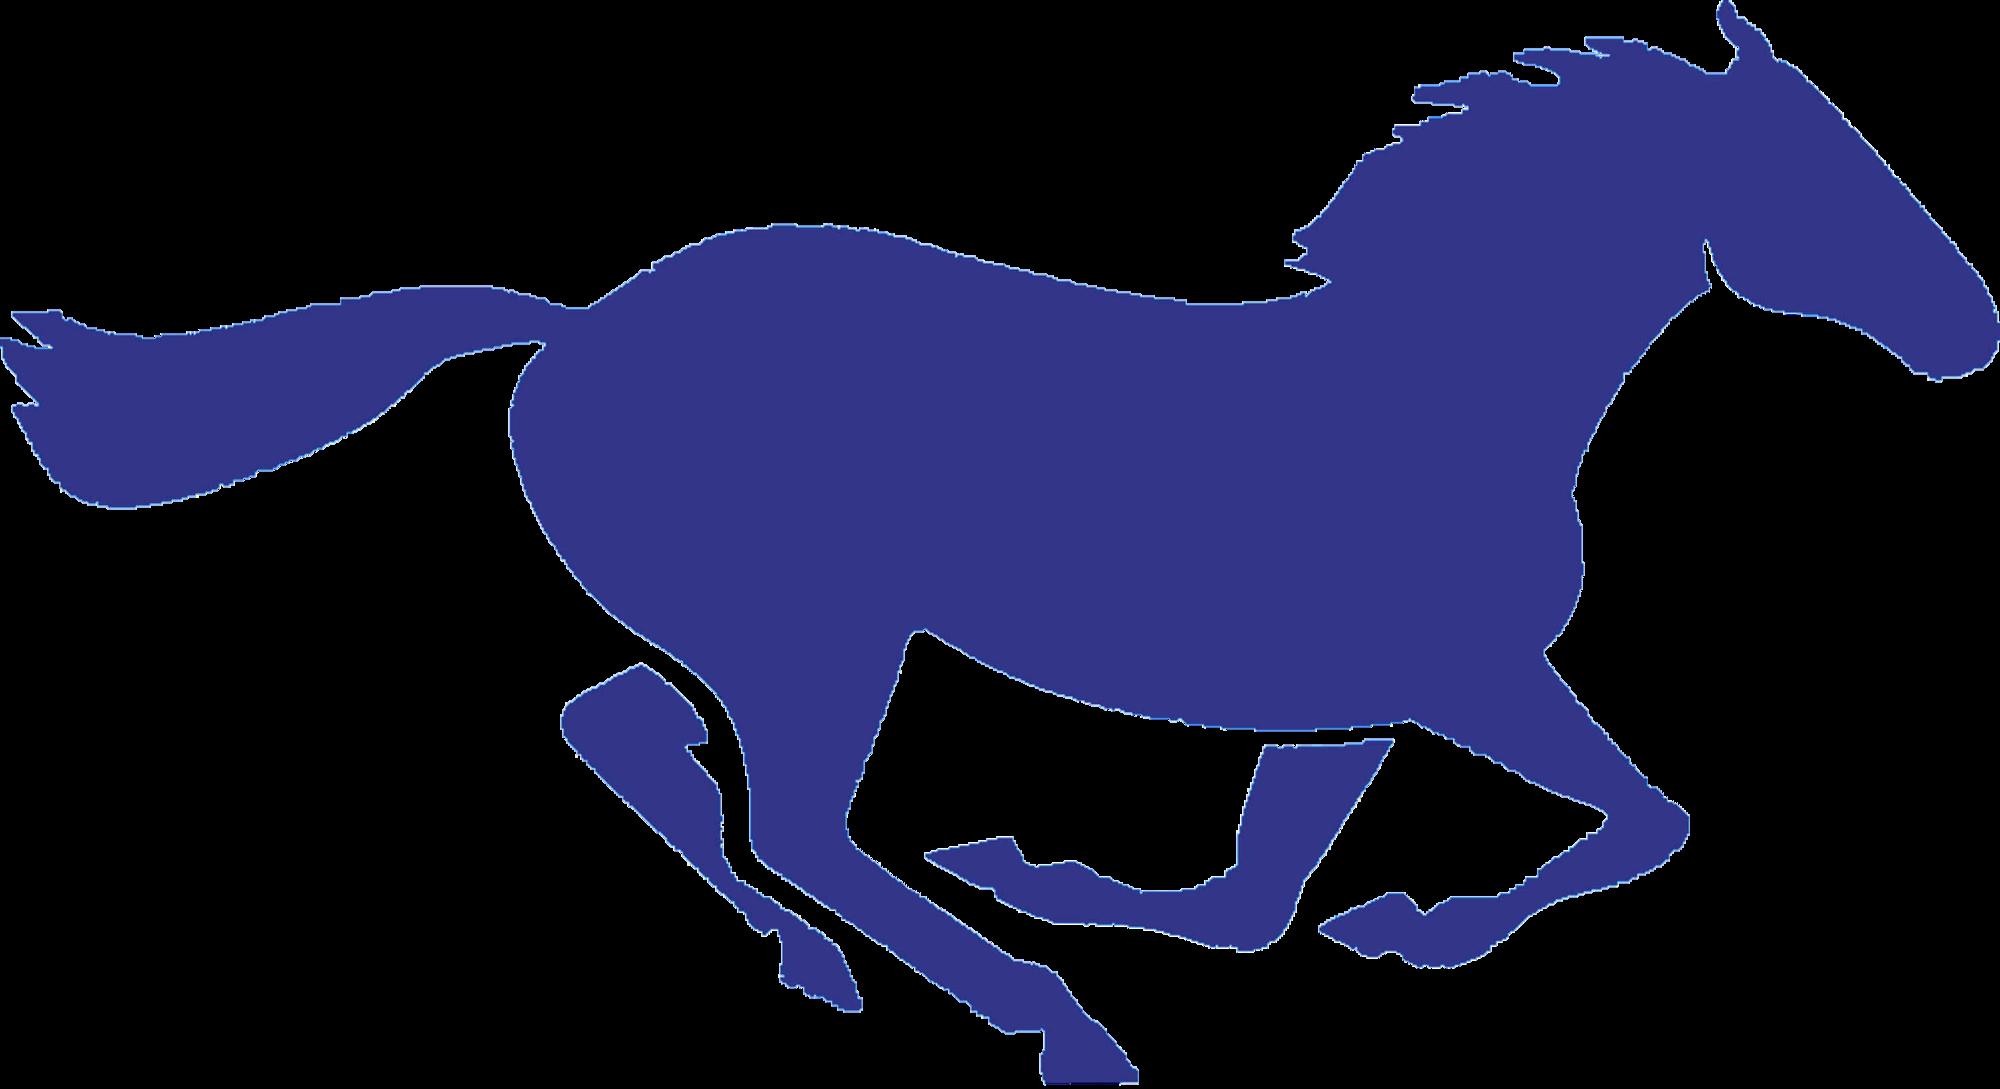 The ridgeview mustangs scorestream. Mustang clipart mustang emblem